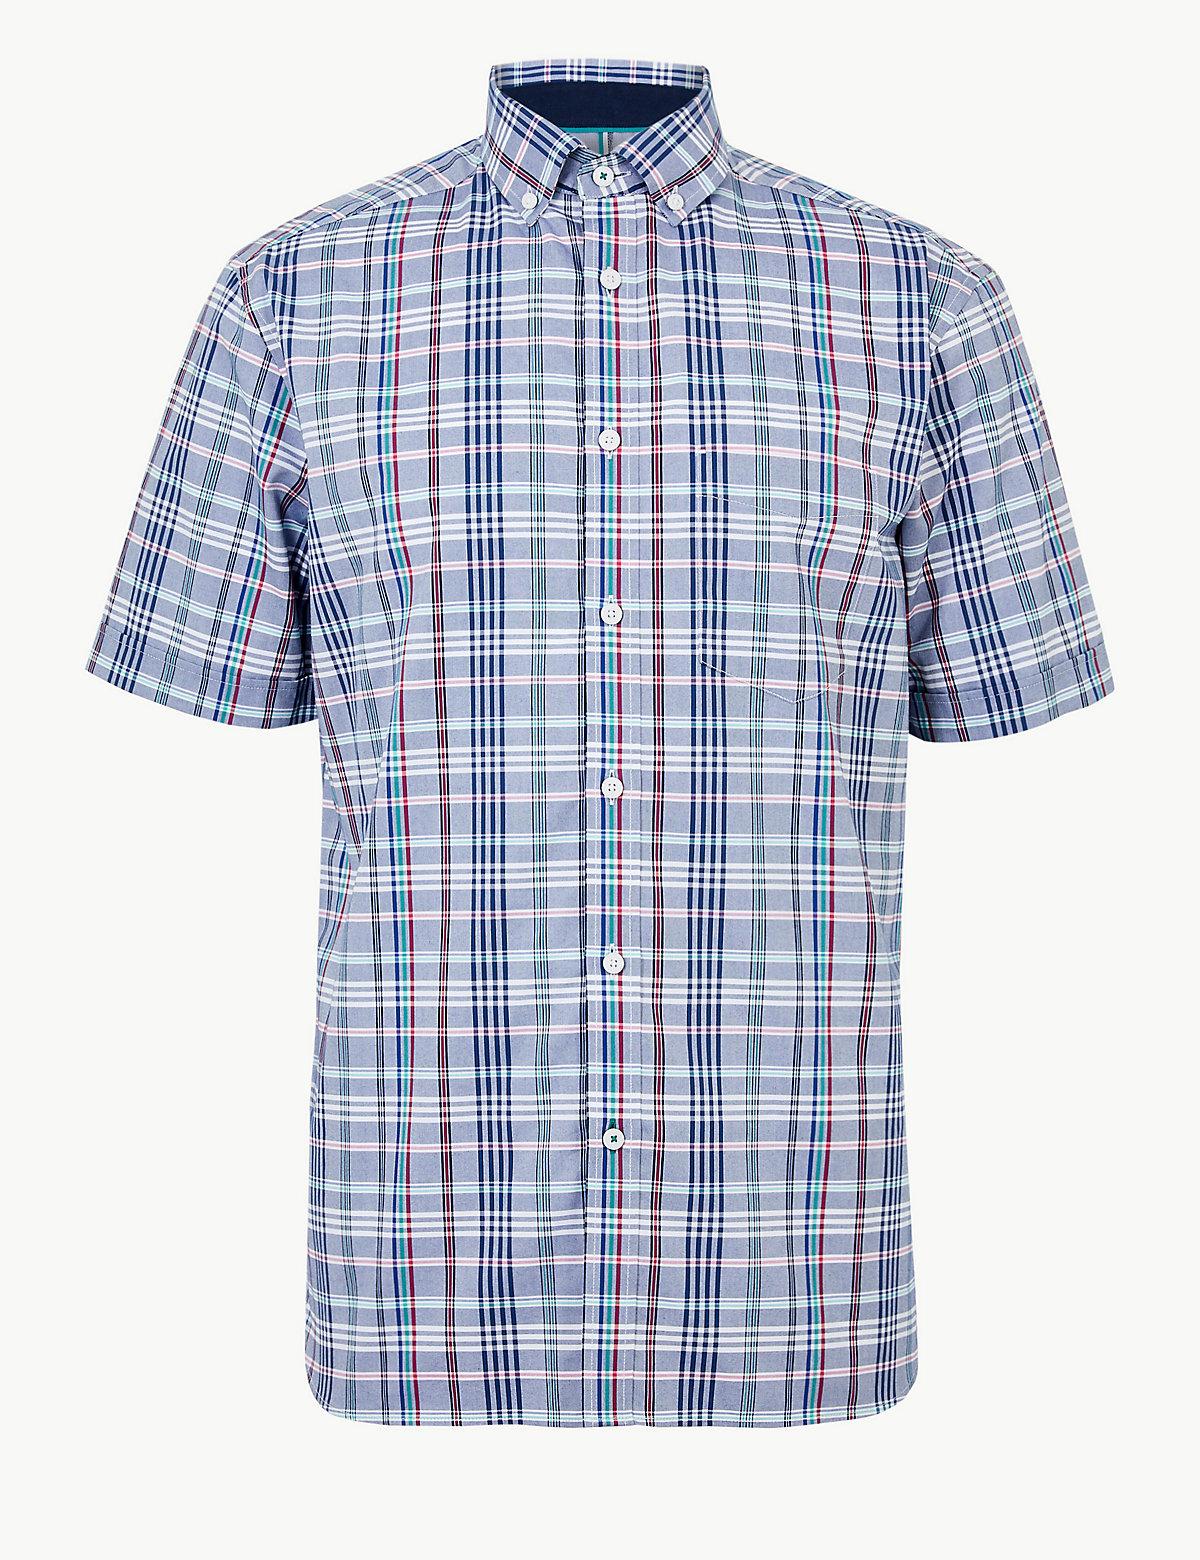 Мужская хлопковая рубашка в мелкую клетку